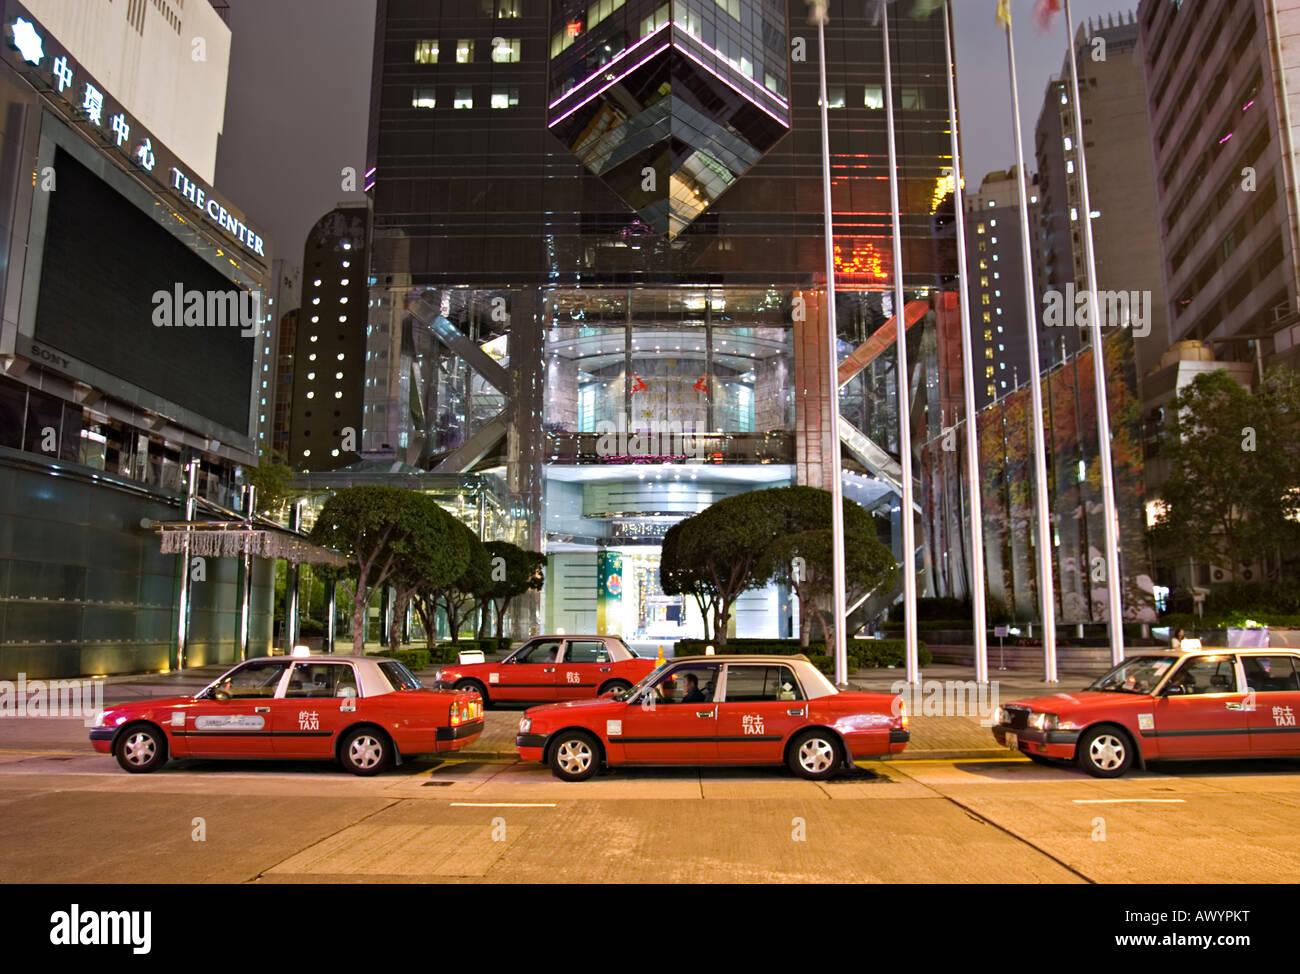 Hong Kong Taxis - Stock Image